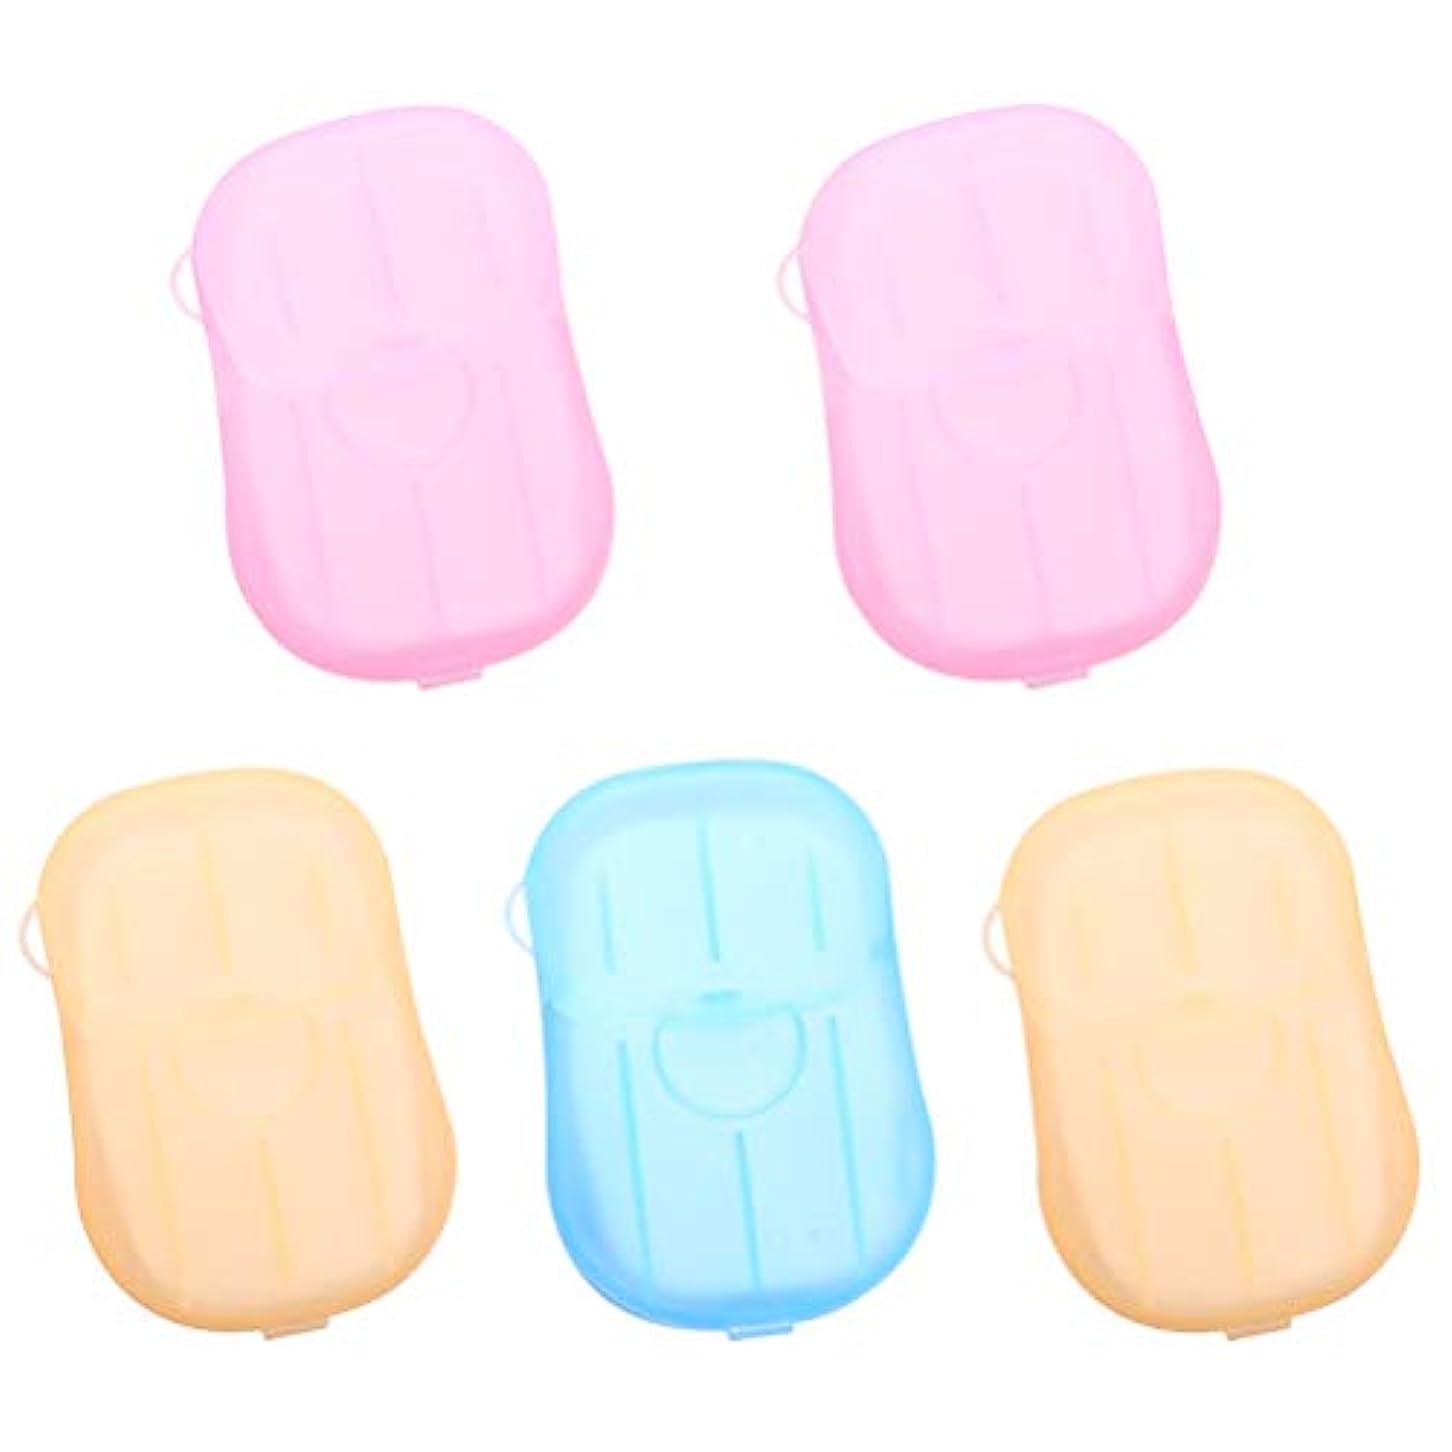 不合格僕のスキーHealifty 5pcs乾燥石鹸は、発泡ボックスの紙の石鹸のフレークを洗うハンドバス石鹸のスライドシート